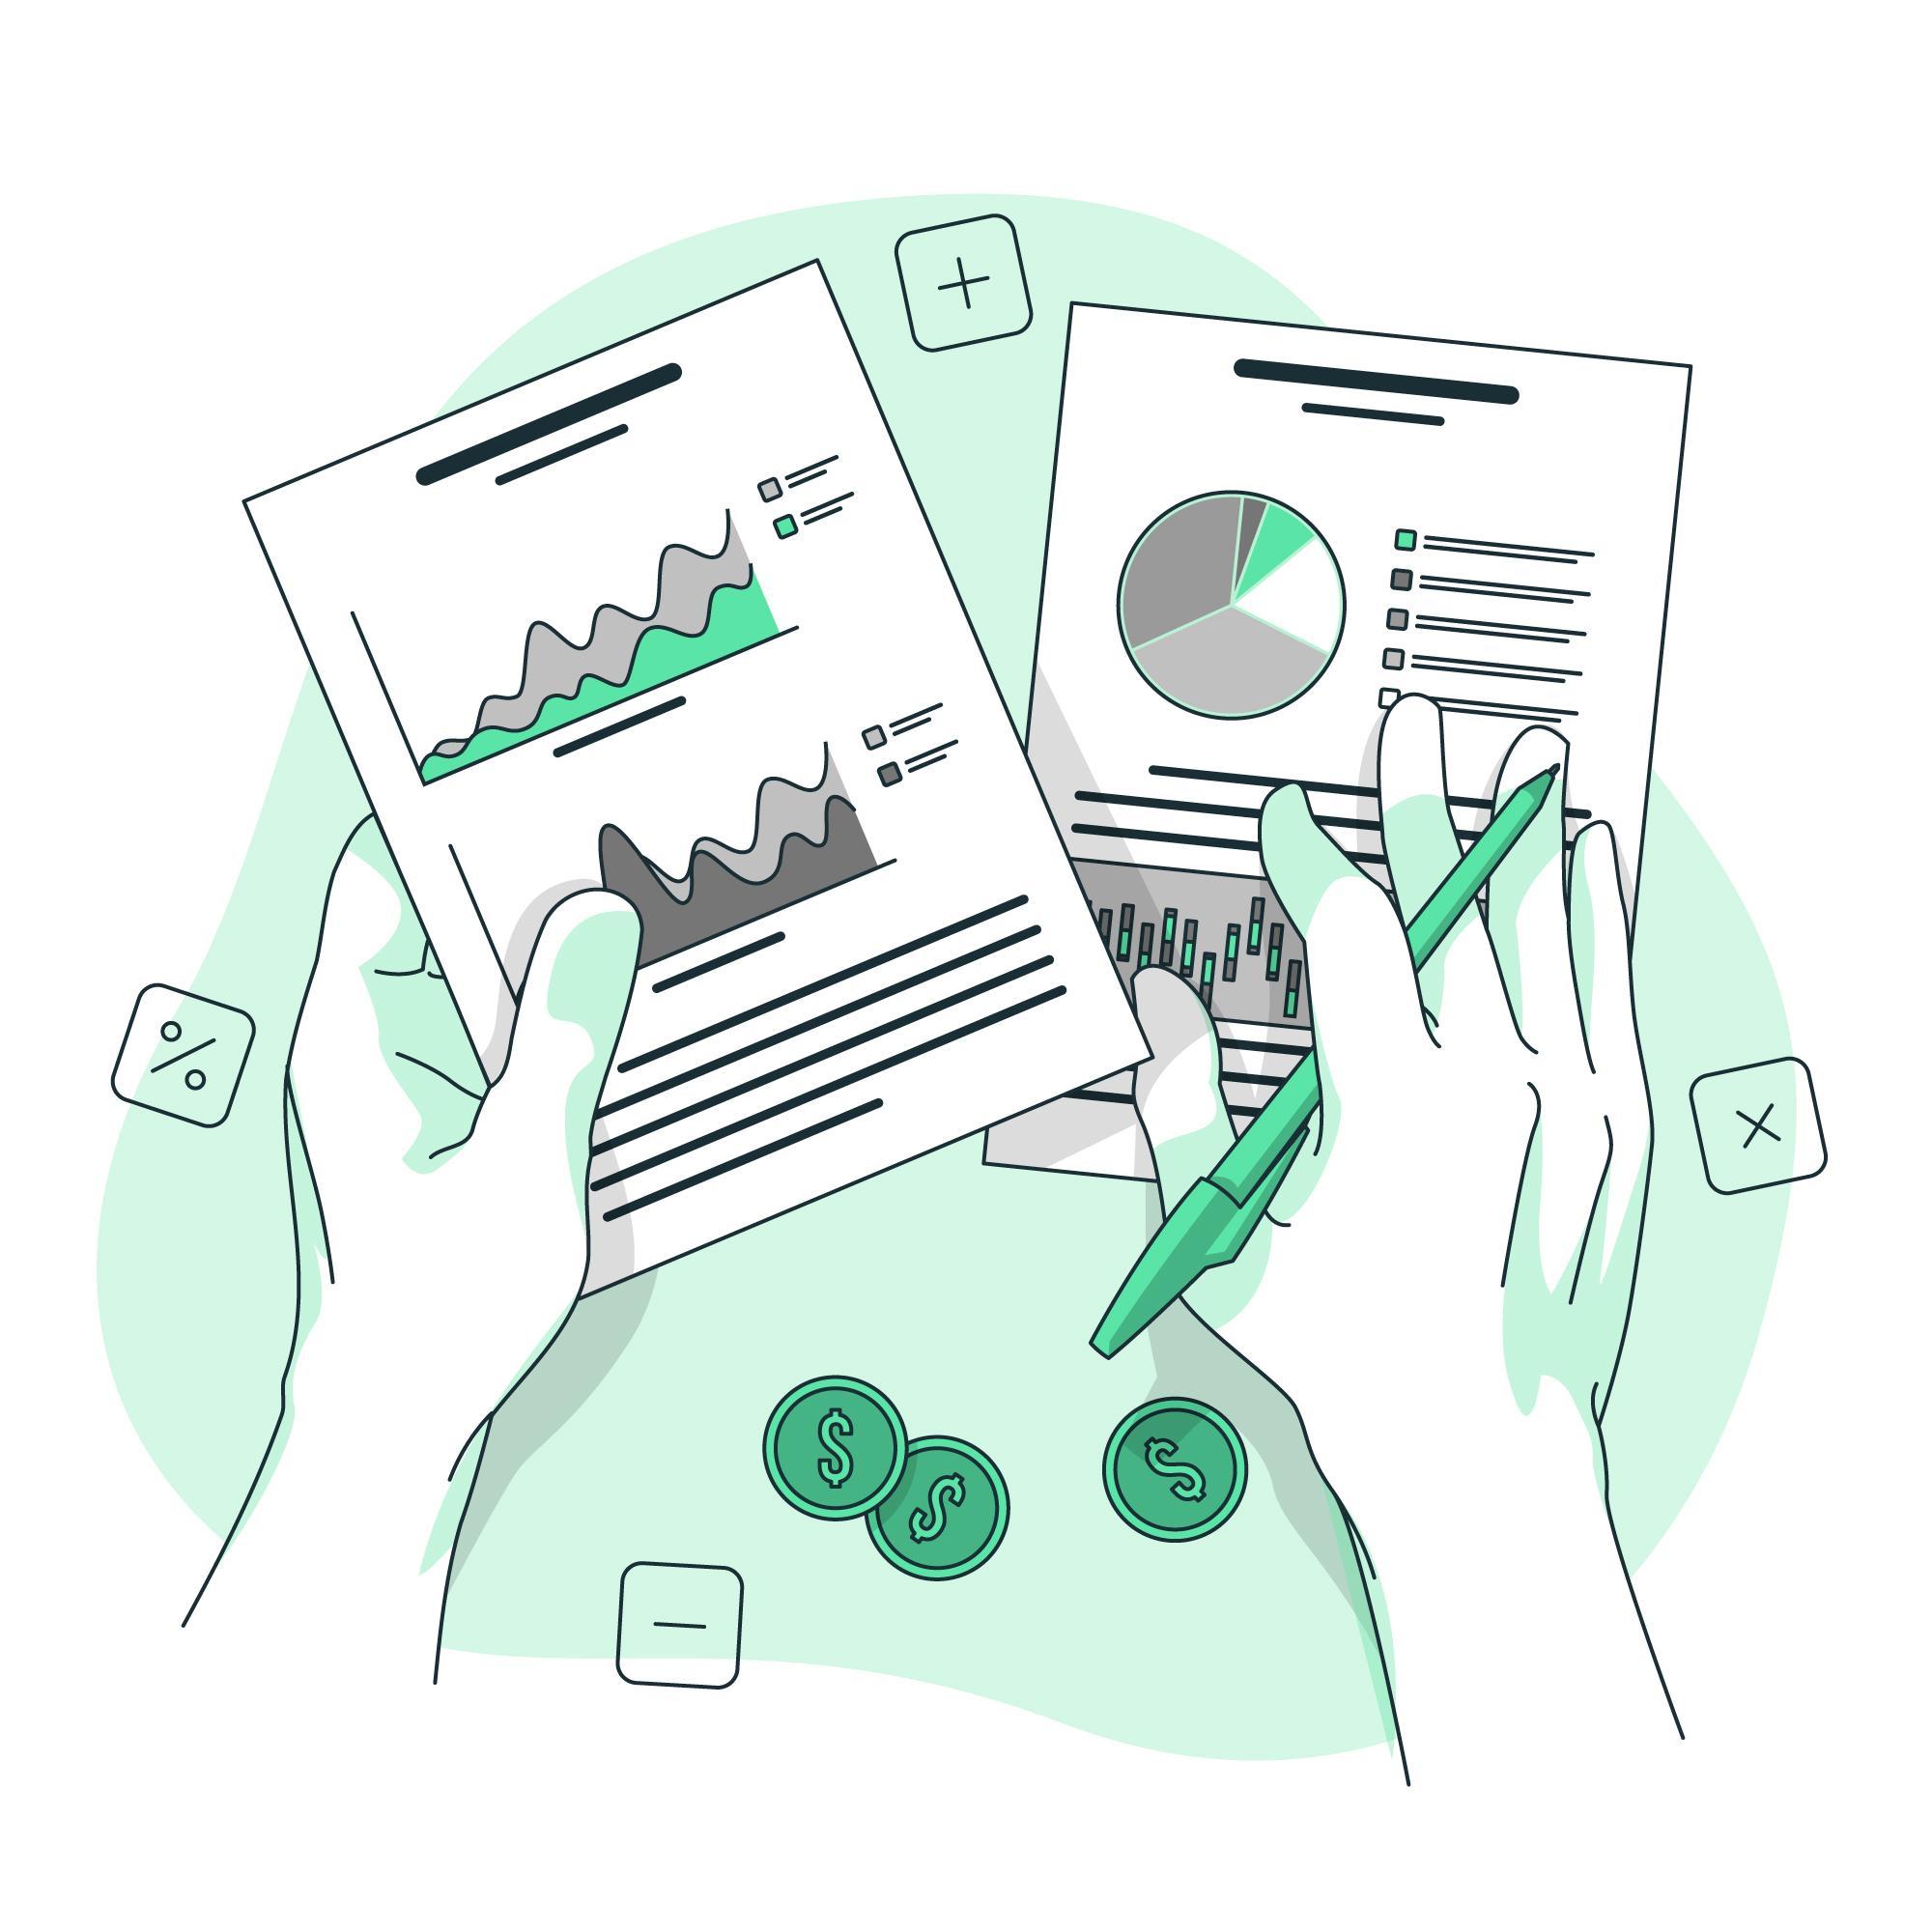 Inilah Pentingnya Data Dan Informasi Bagi Kemajuan Perusahaan